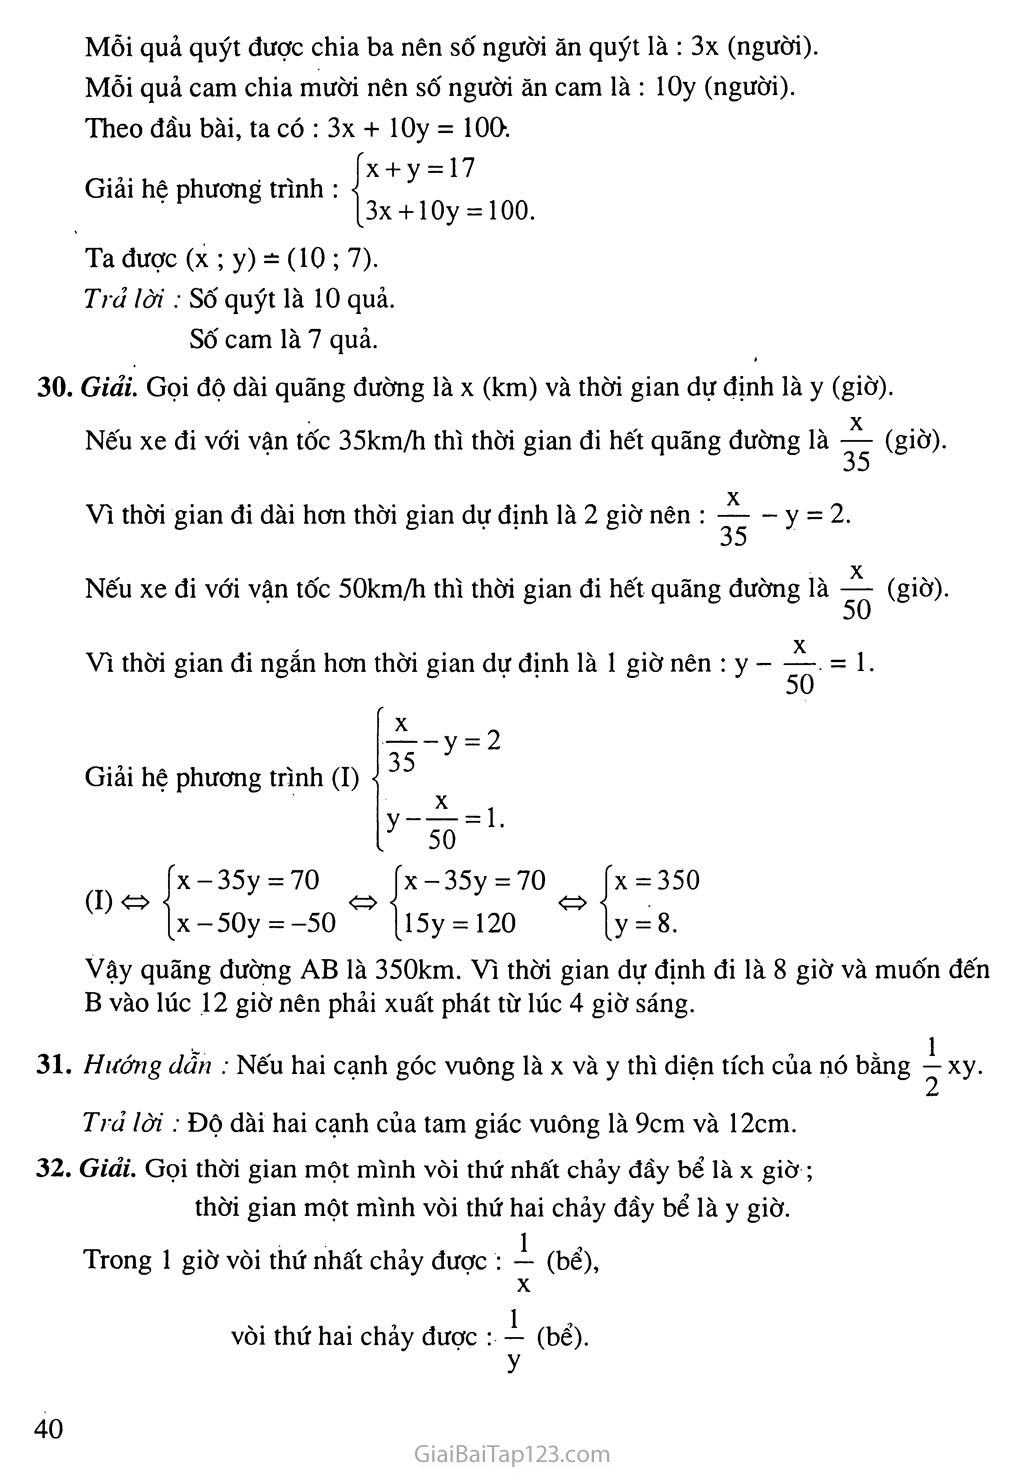 Bài 5. Giải bài toán bằng cách lập hệ phương trình trang 5